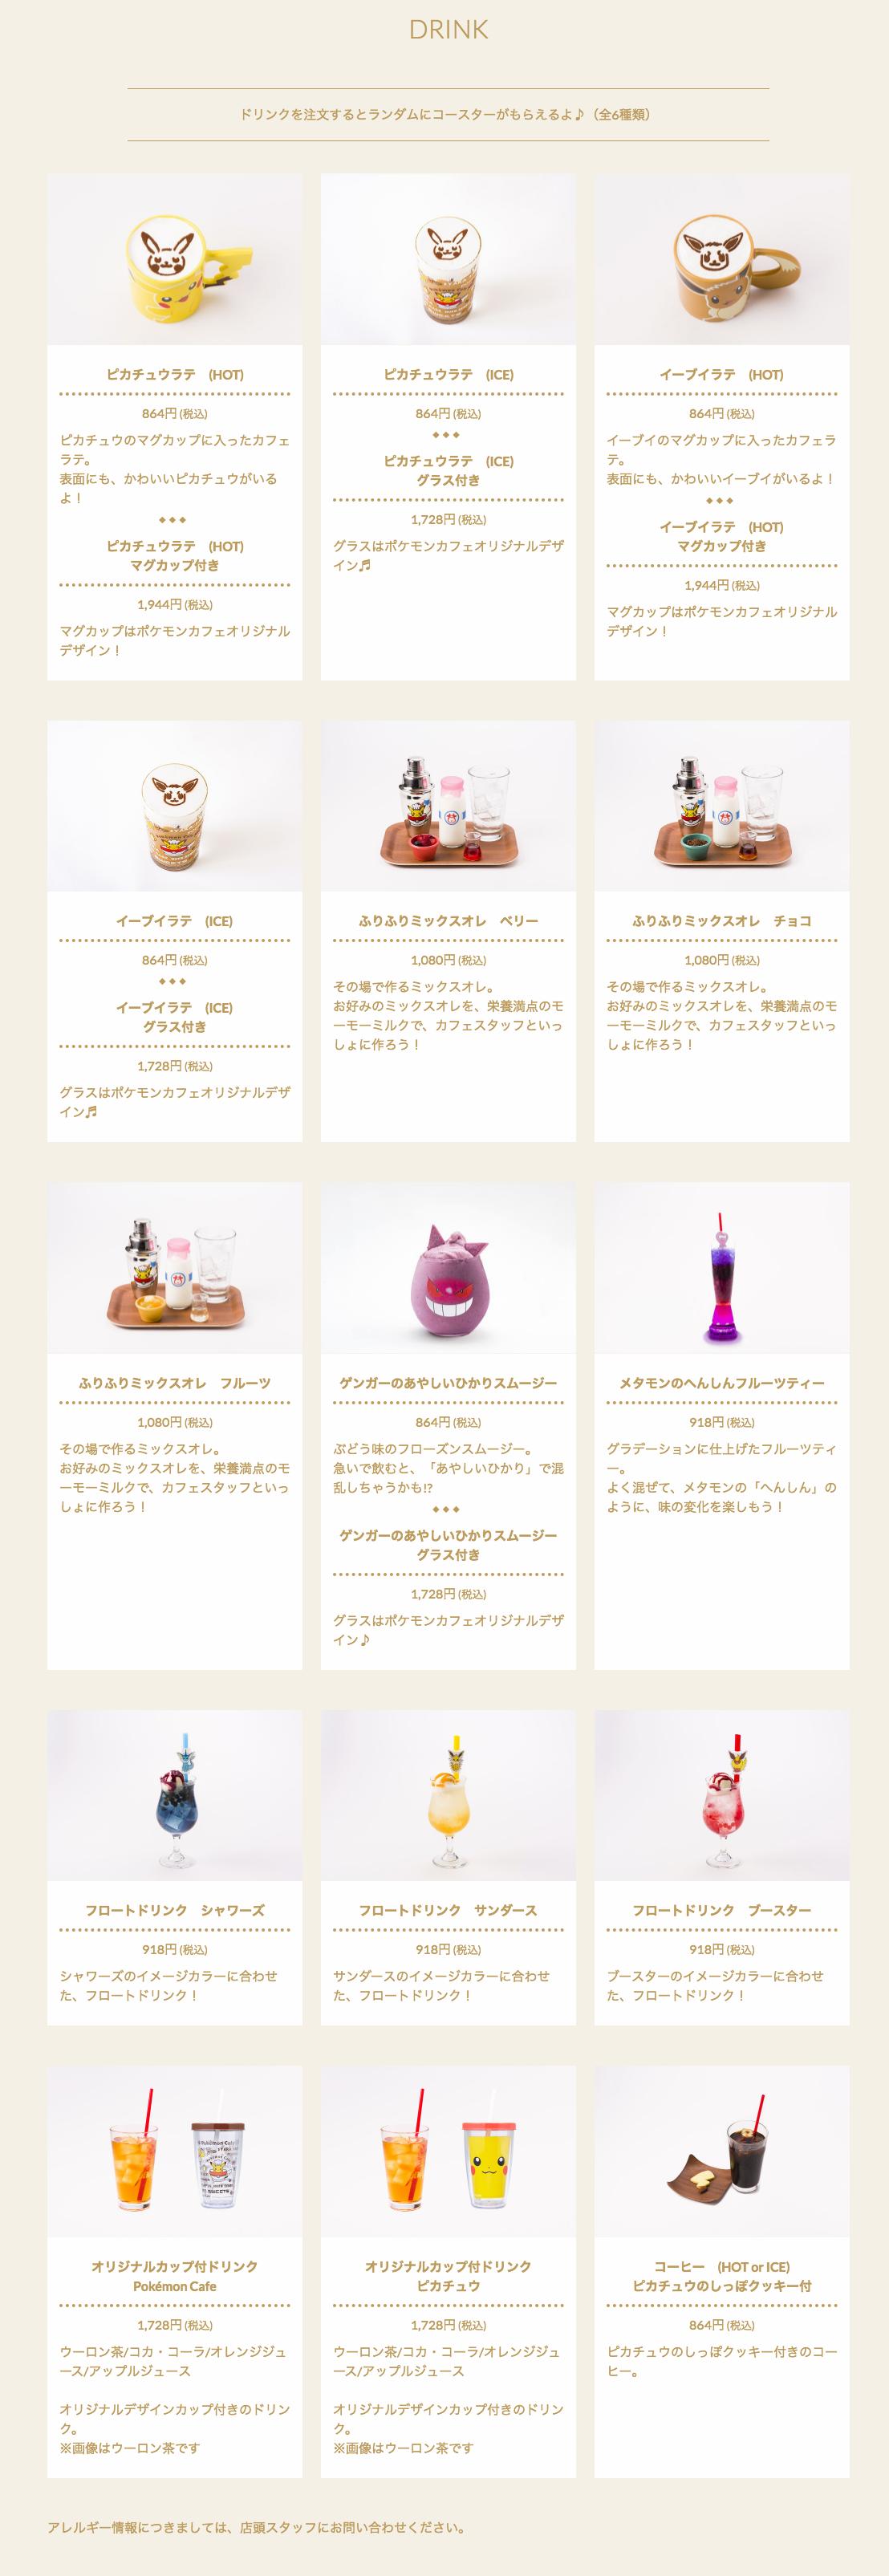 screencapture-pokemoncenter-online-cafe-menu-2018-09-07-09_11_22.png